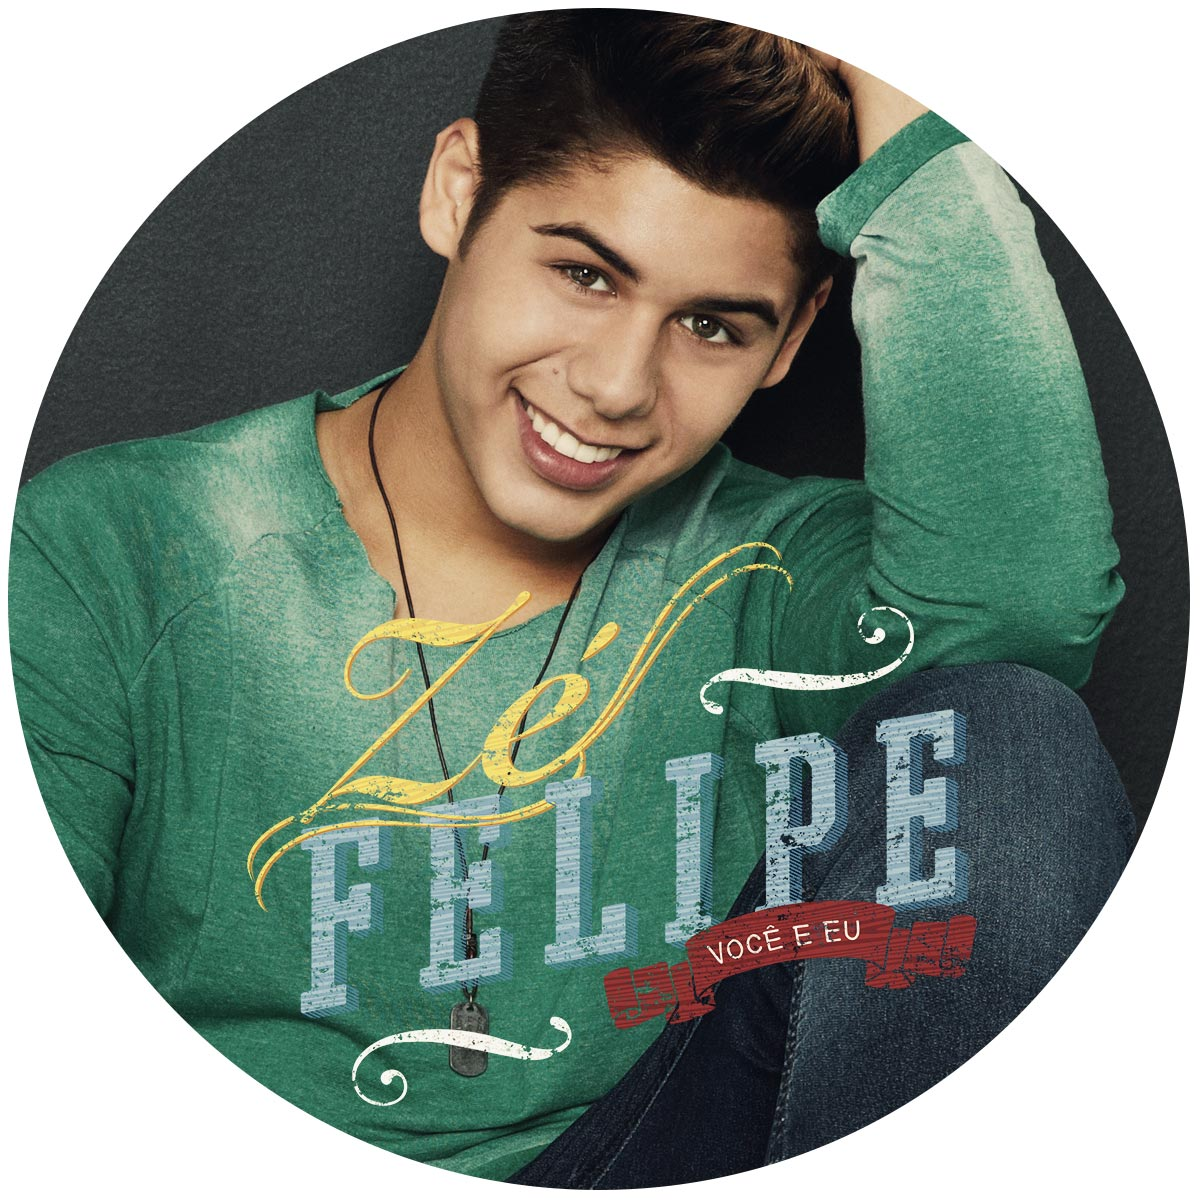 Combo CD AUTOGRAFADO Zé Felipe Você e Eu + Camiseta Masculina